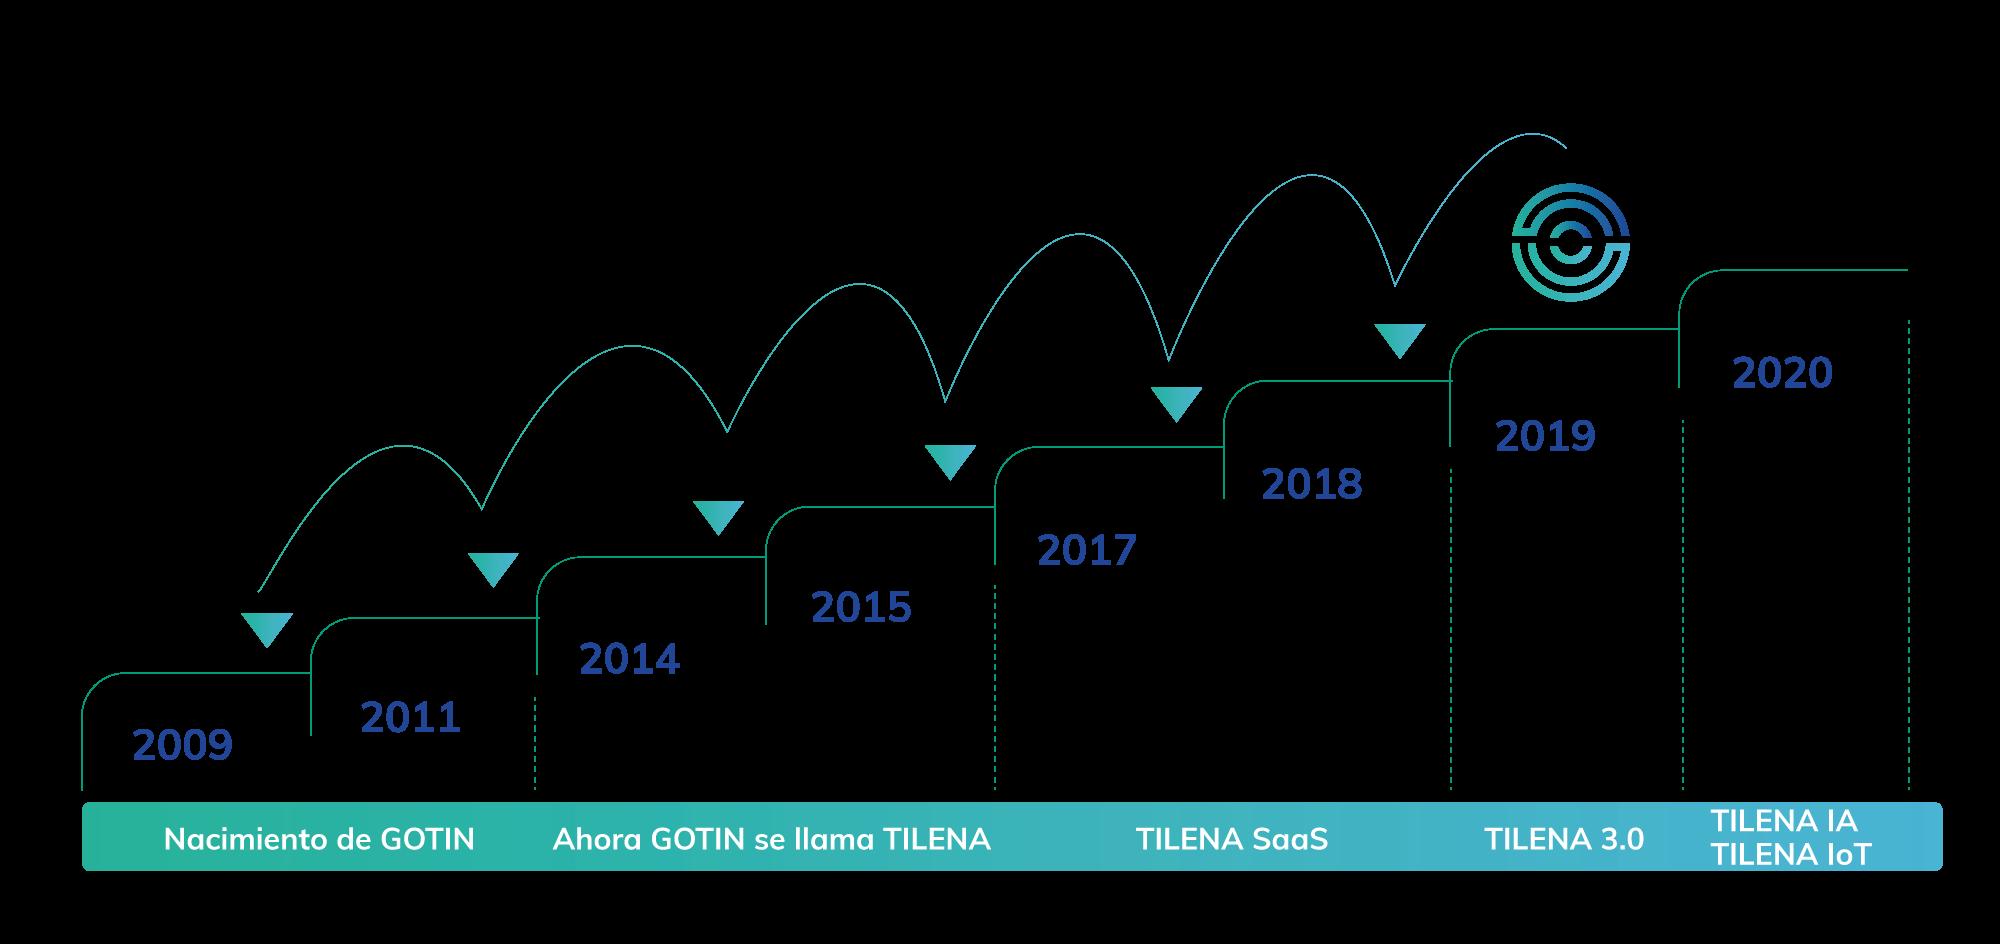 Evolución de TILENA - Gestión ITSM